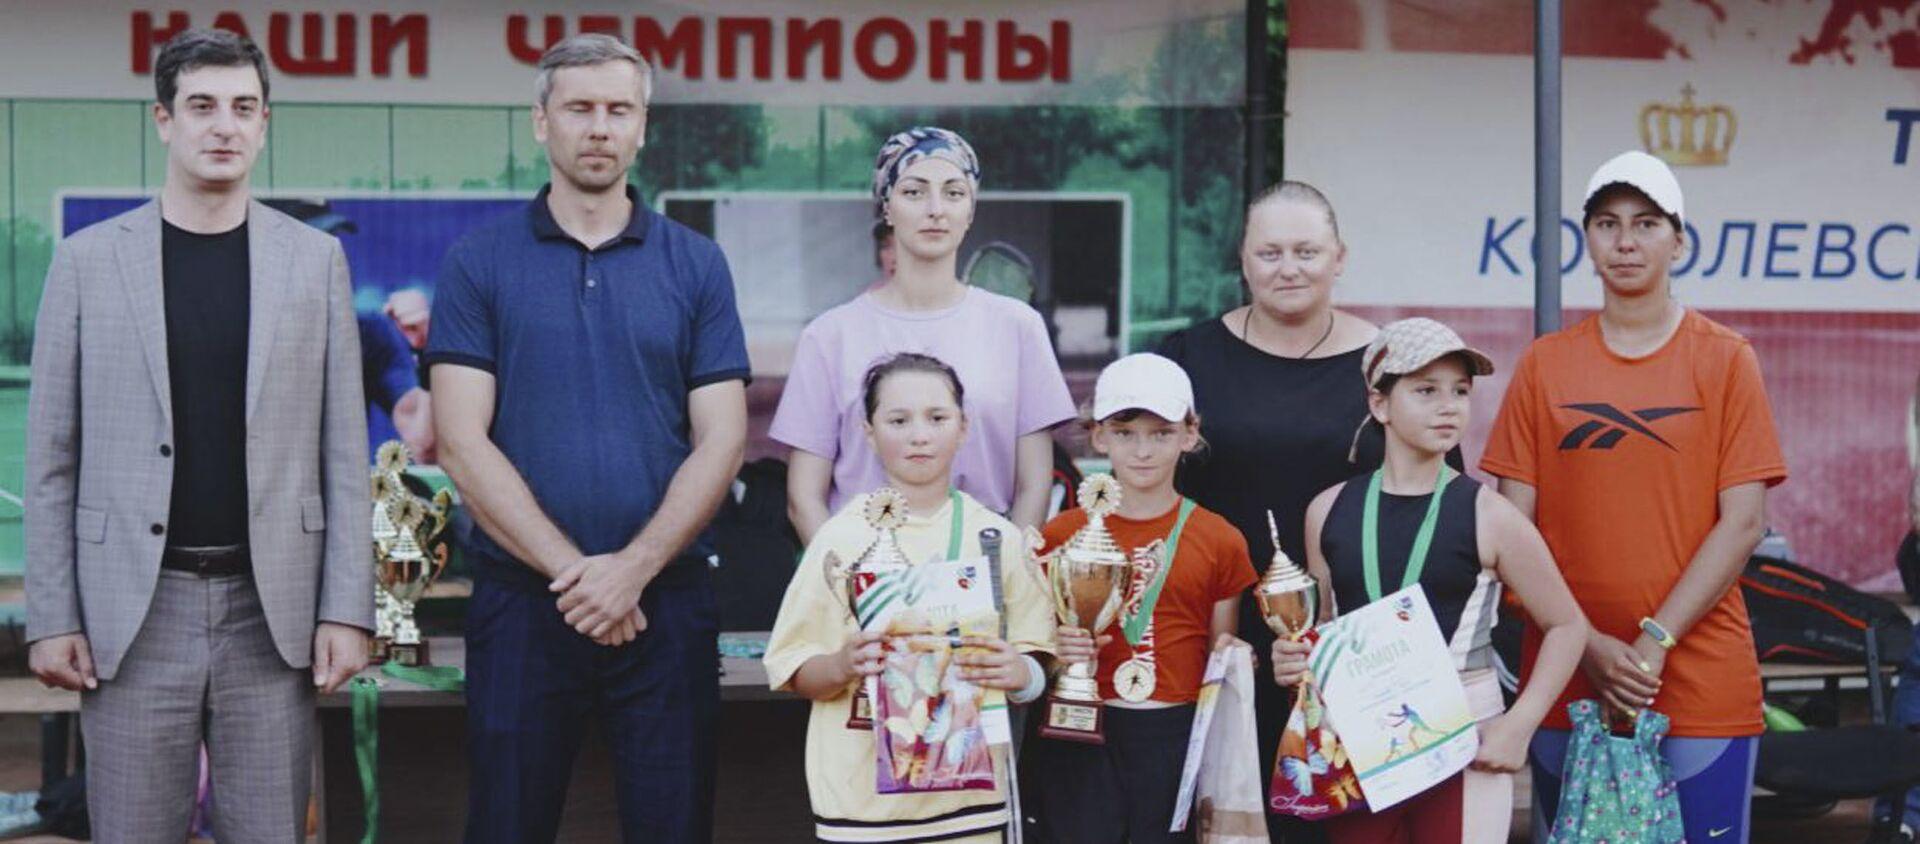 Чемпионат по теннису среди детей прошел в Сухуме  - Sputnik Аҧсны, 1920, 20.06.2021